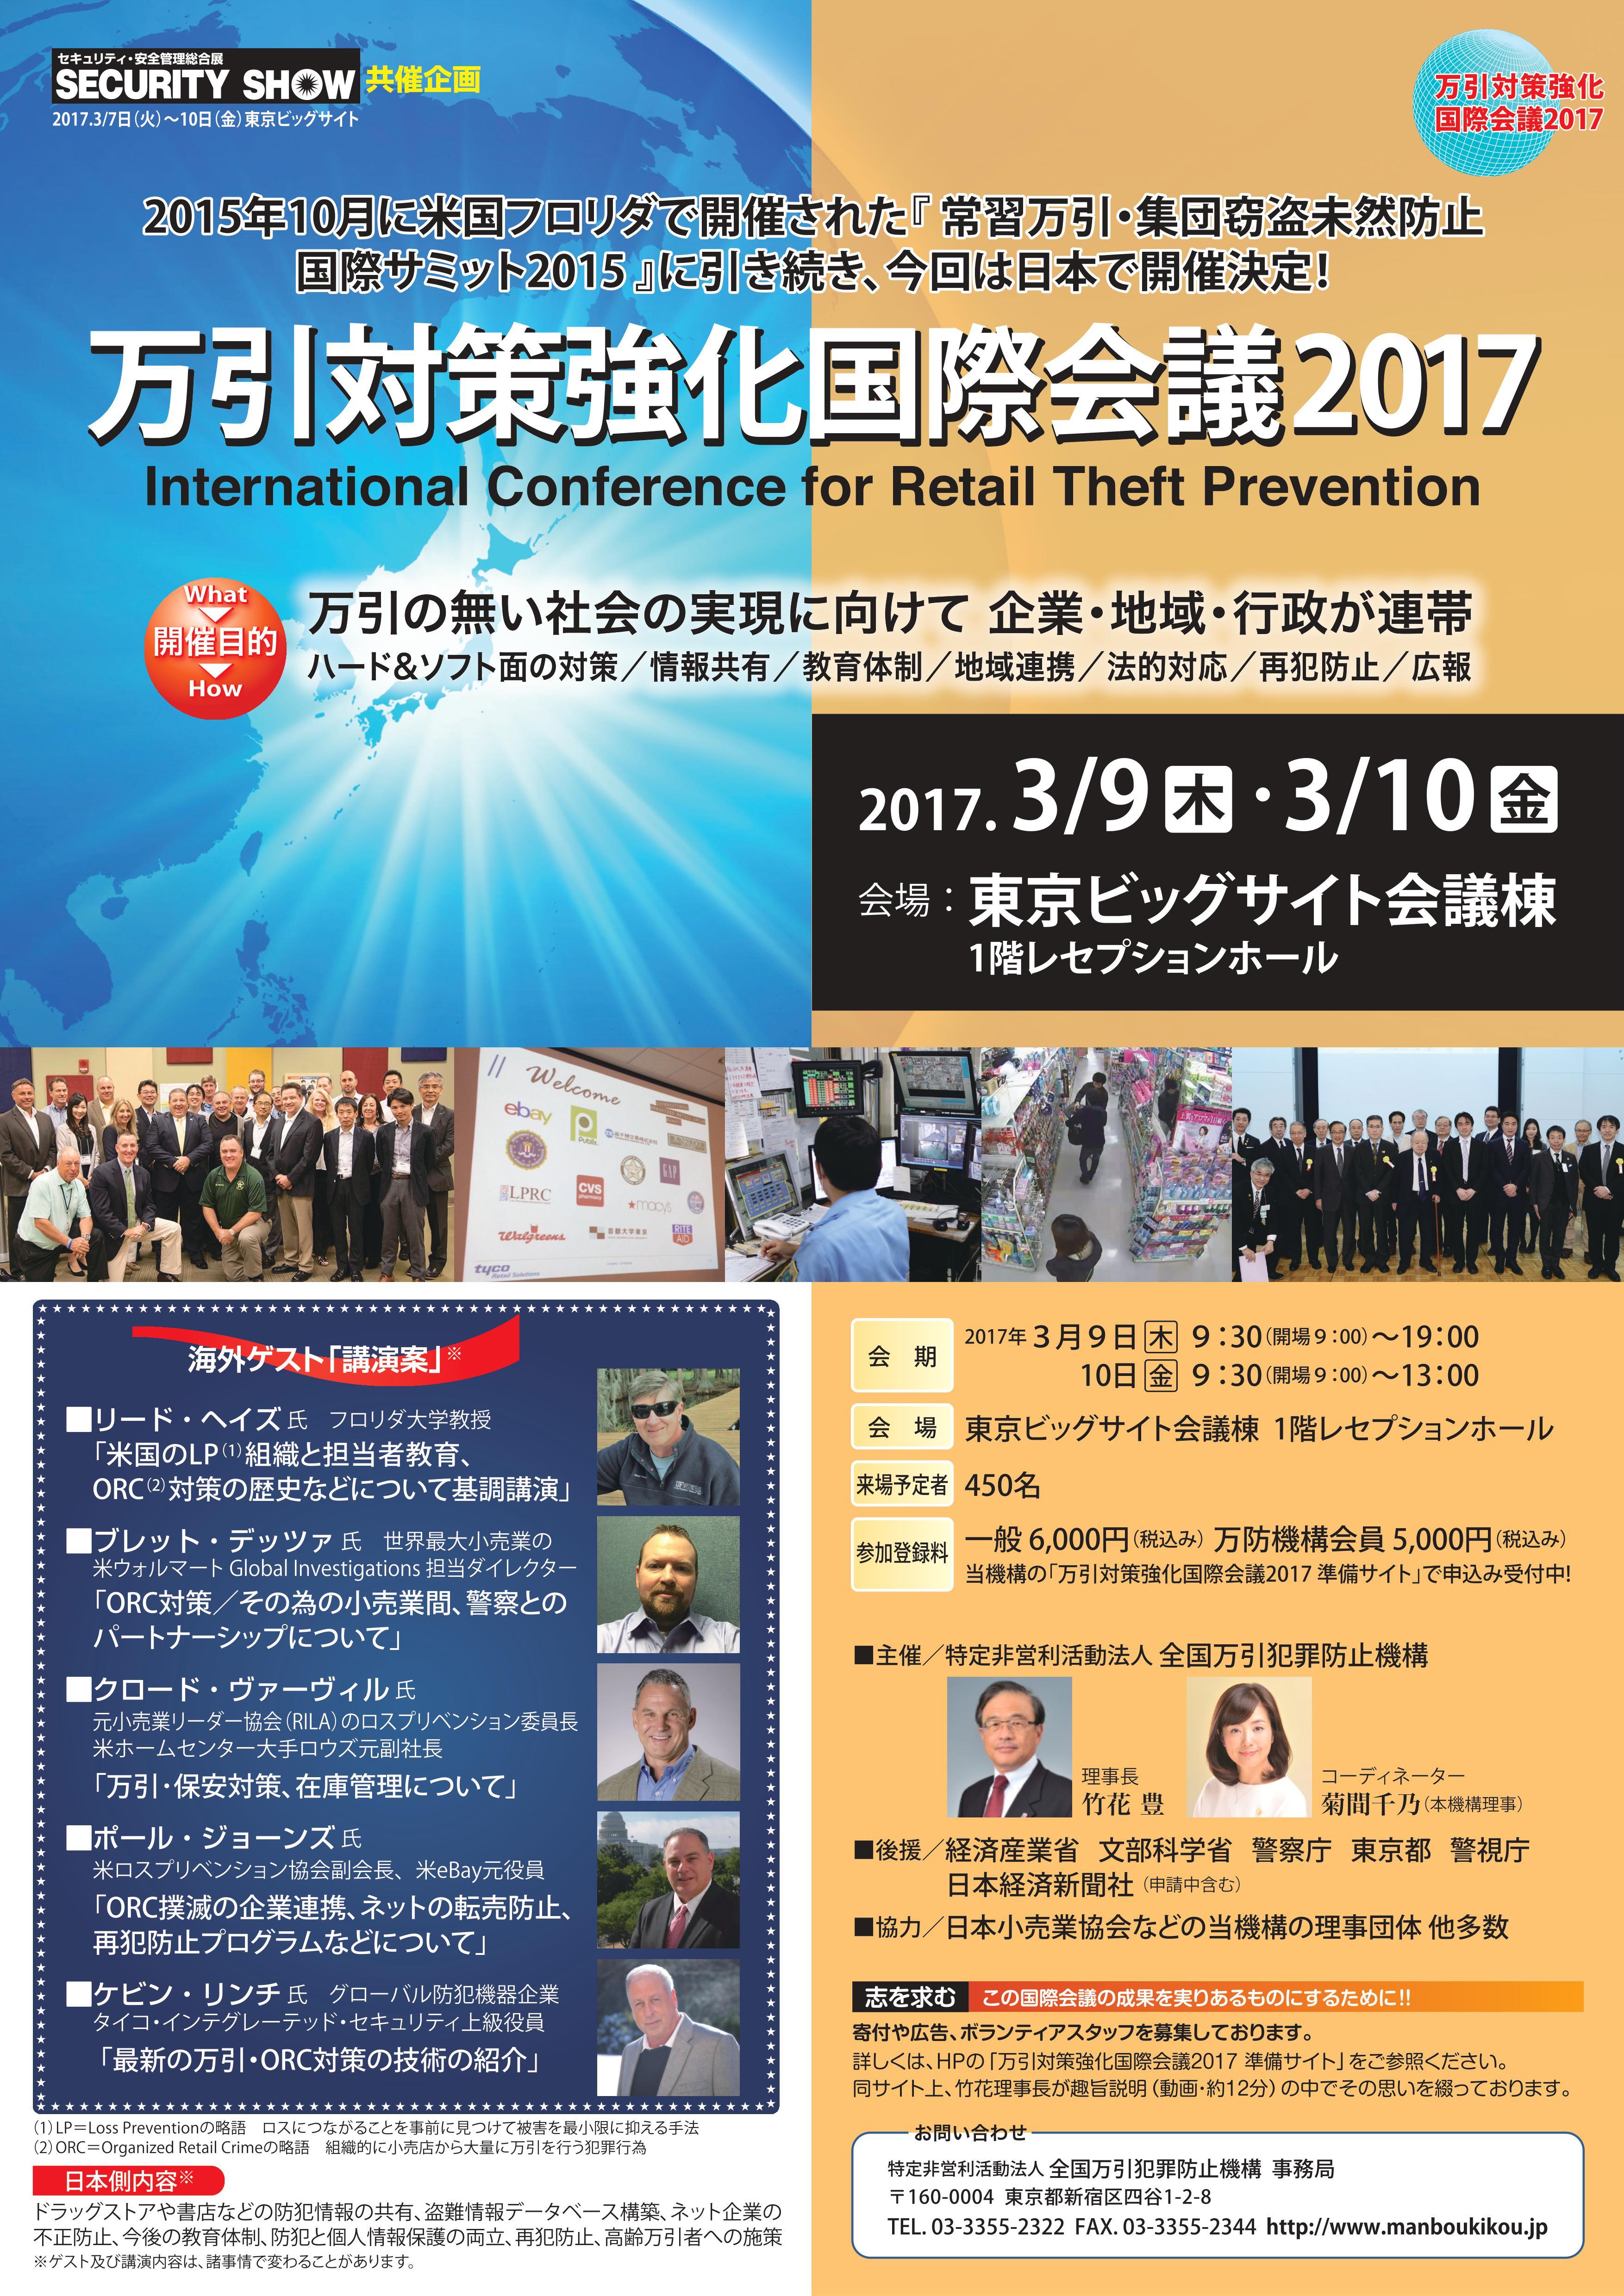 万引対策強化国際会議2017